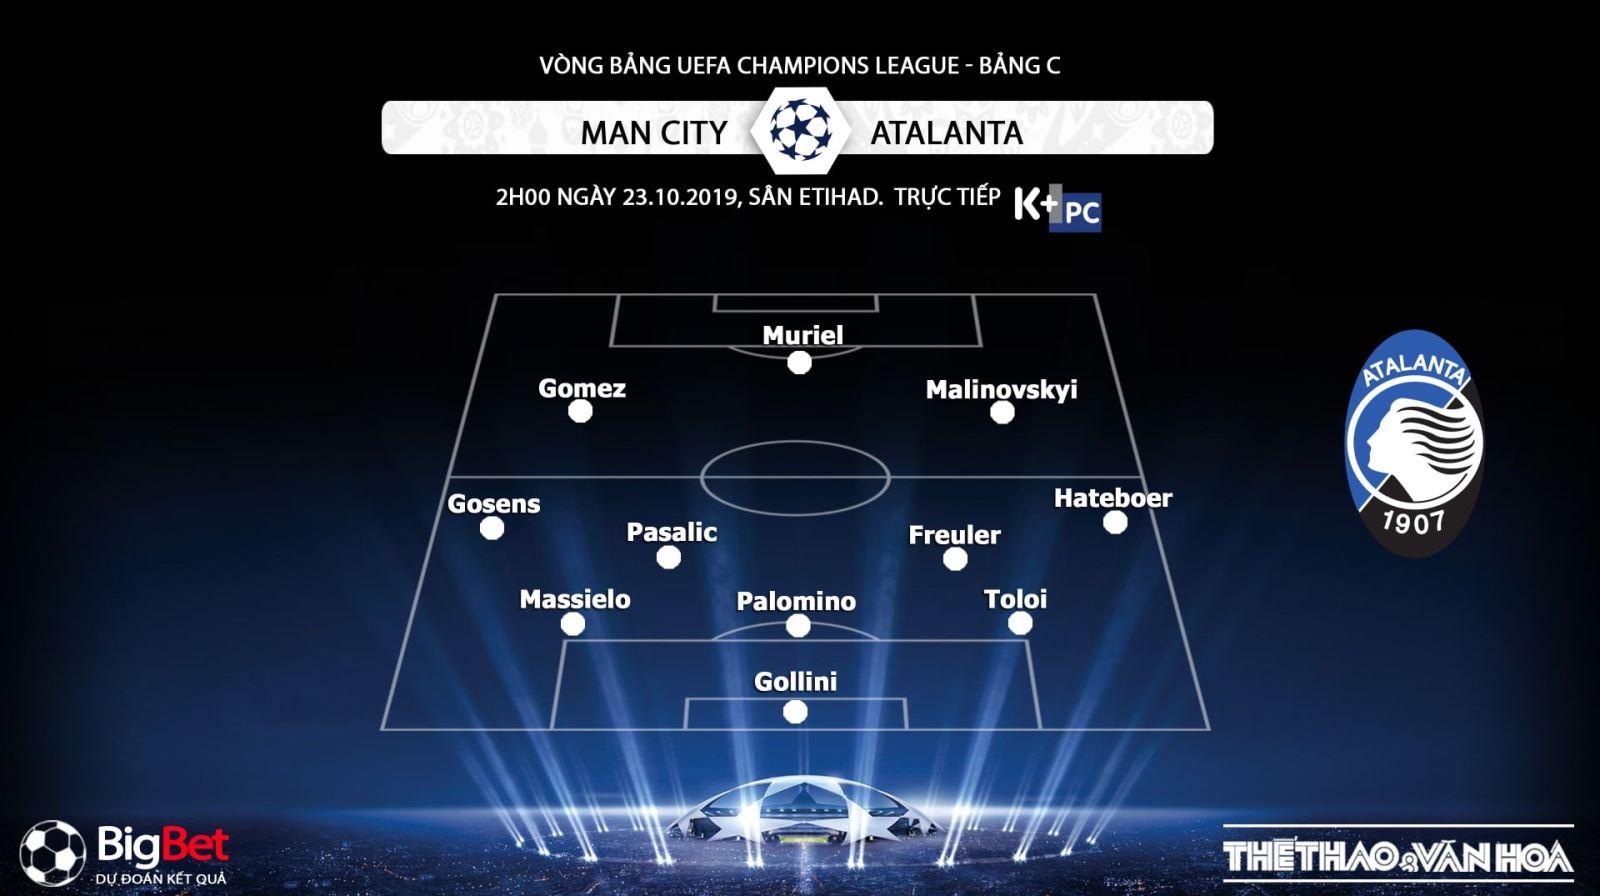 Man City vs Atalanta, ket qua bong da hôm nay, Man City đấu với Atalanta, keo bong da, K+, K+PM, xem bóng đá trực tuyến, Cúp C1, K+PC, Man City, K+, K+PM, soi kèo bóng đá